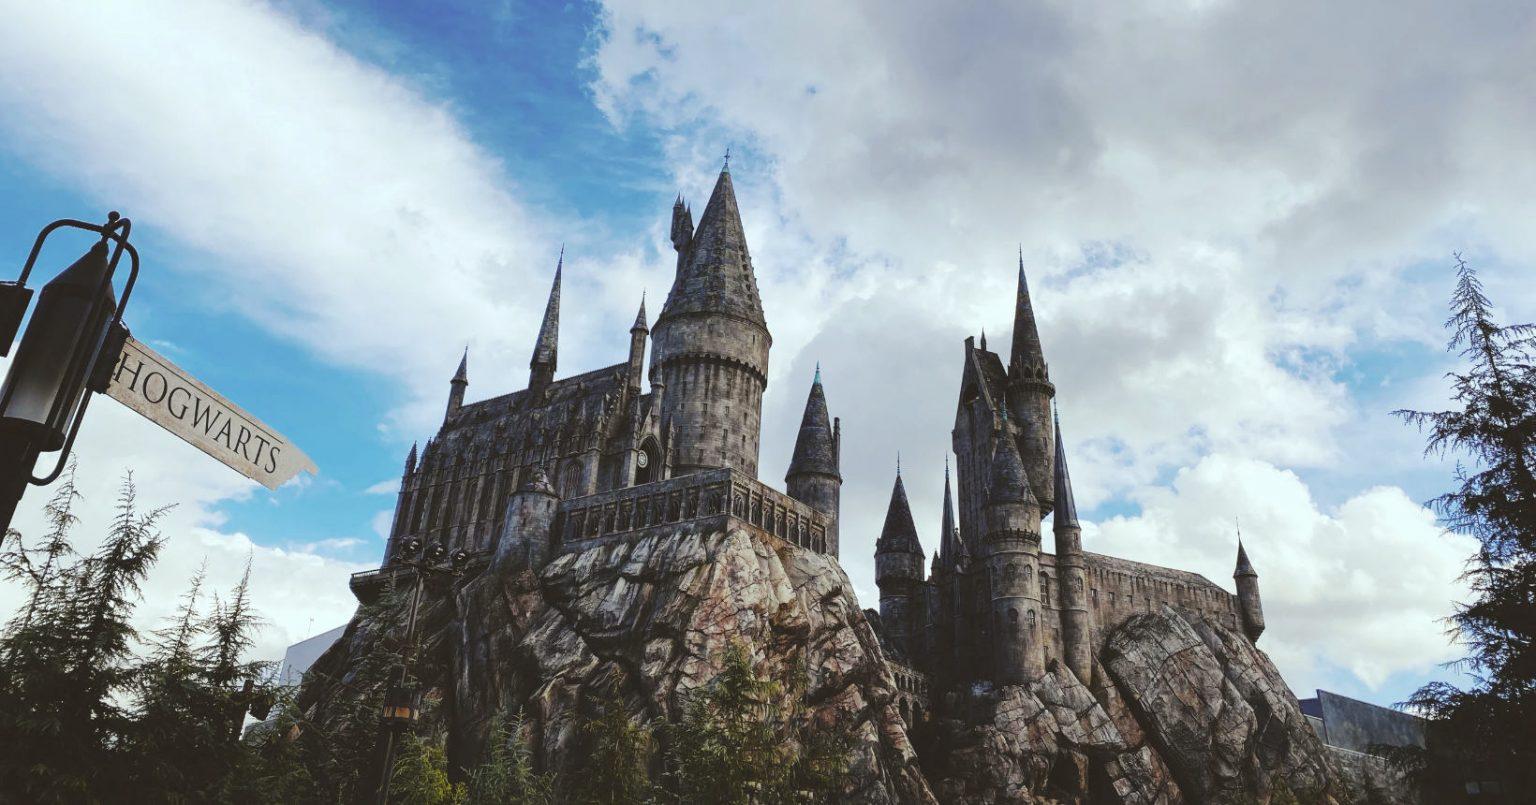 Autora de Harry Potter cria site com jogos e atividades